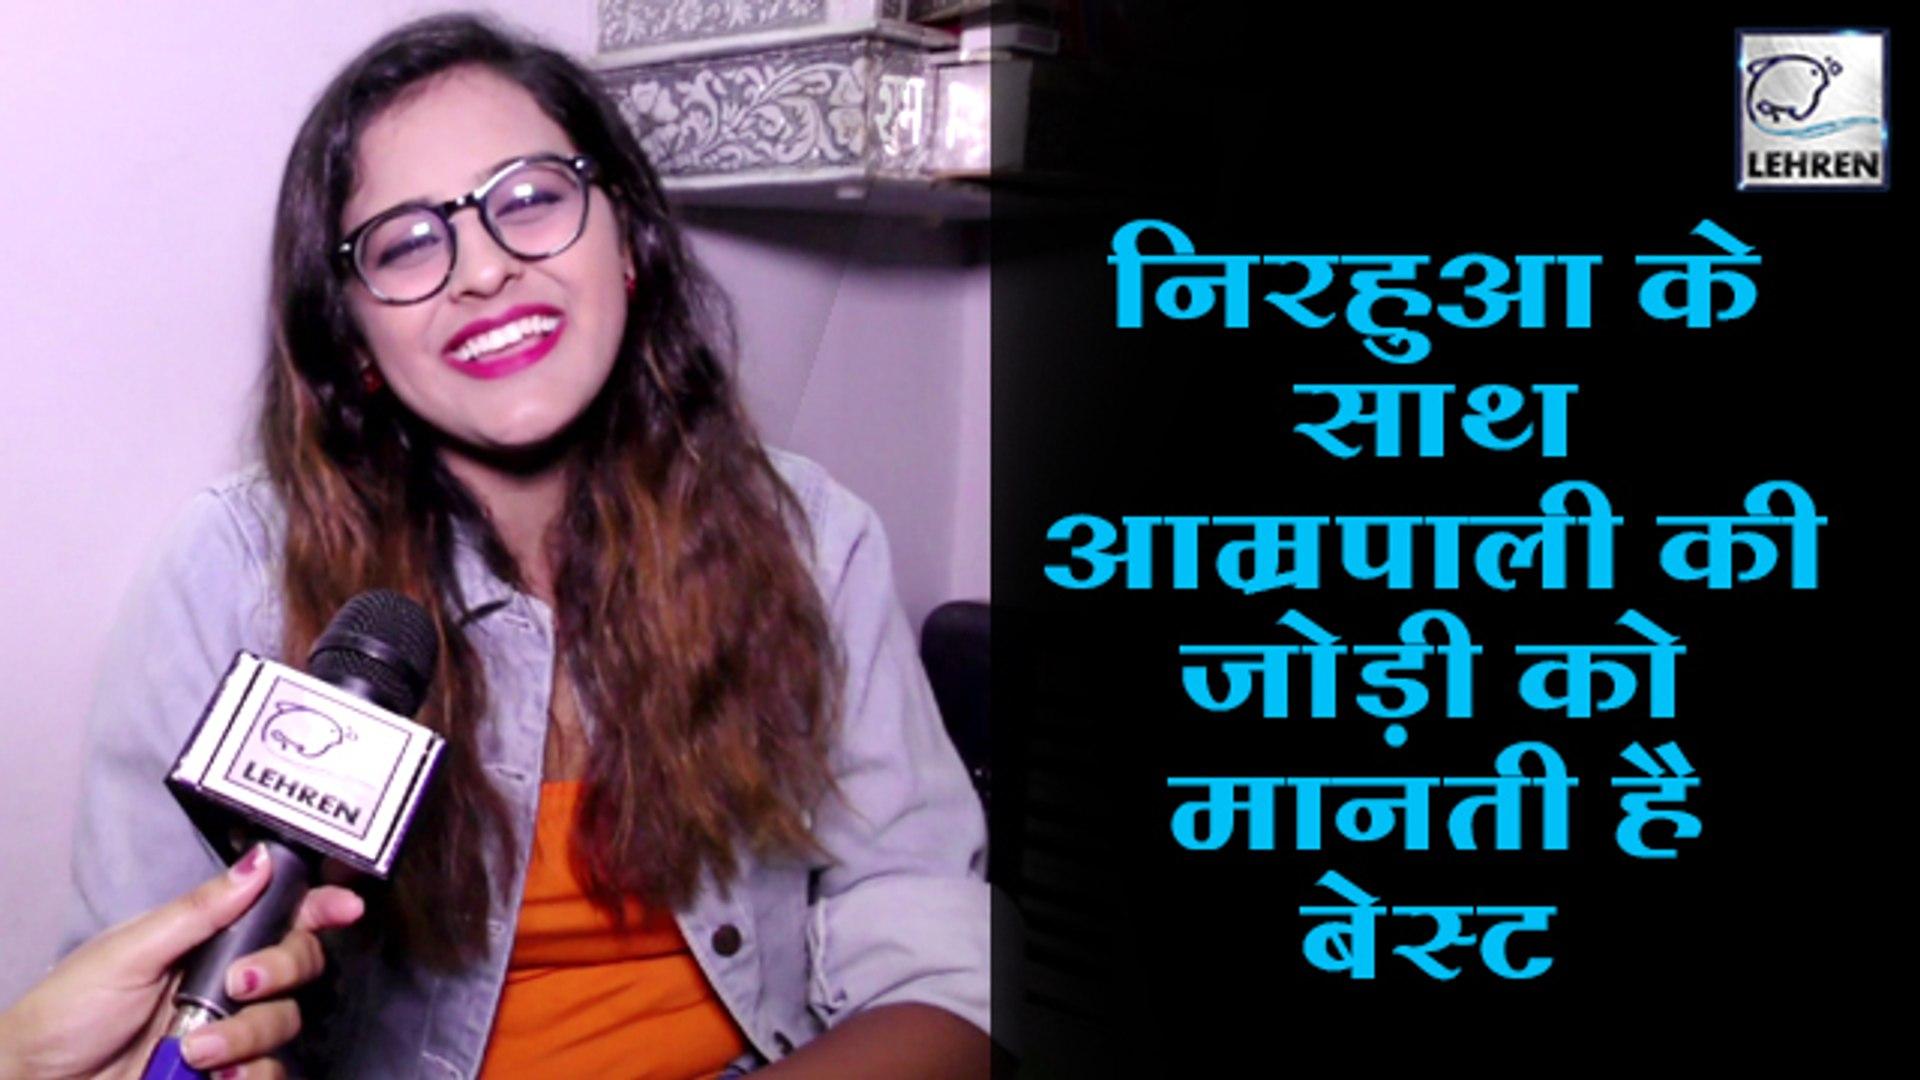 निरहुआ और आम्रपाली की जोड़ी पर क्या कहा यामिनी सिंह ने